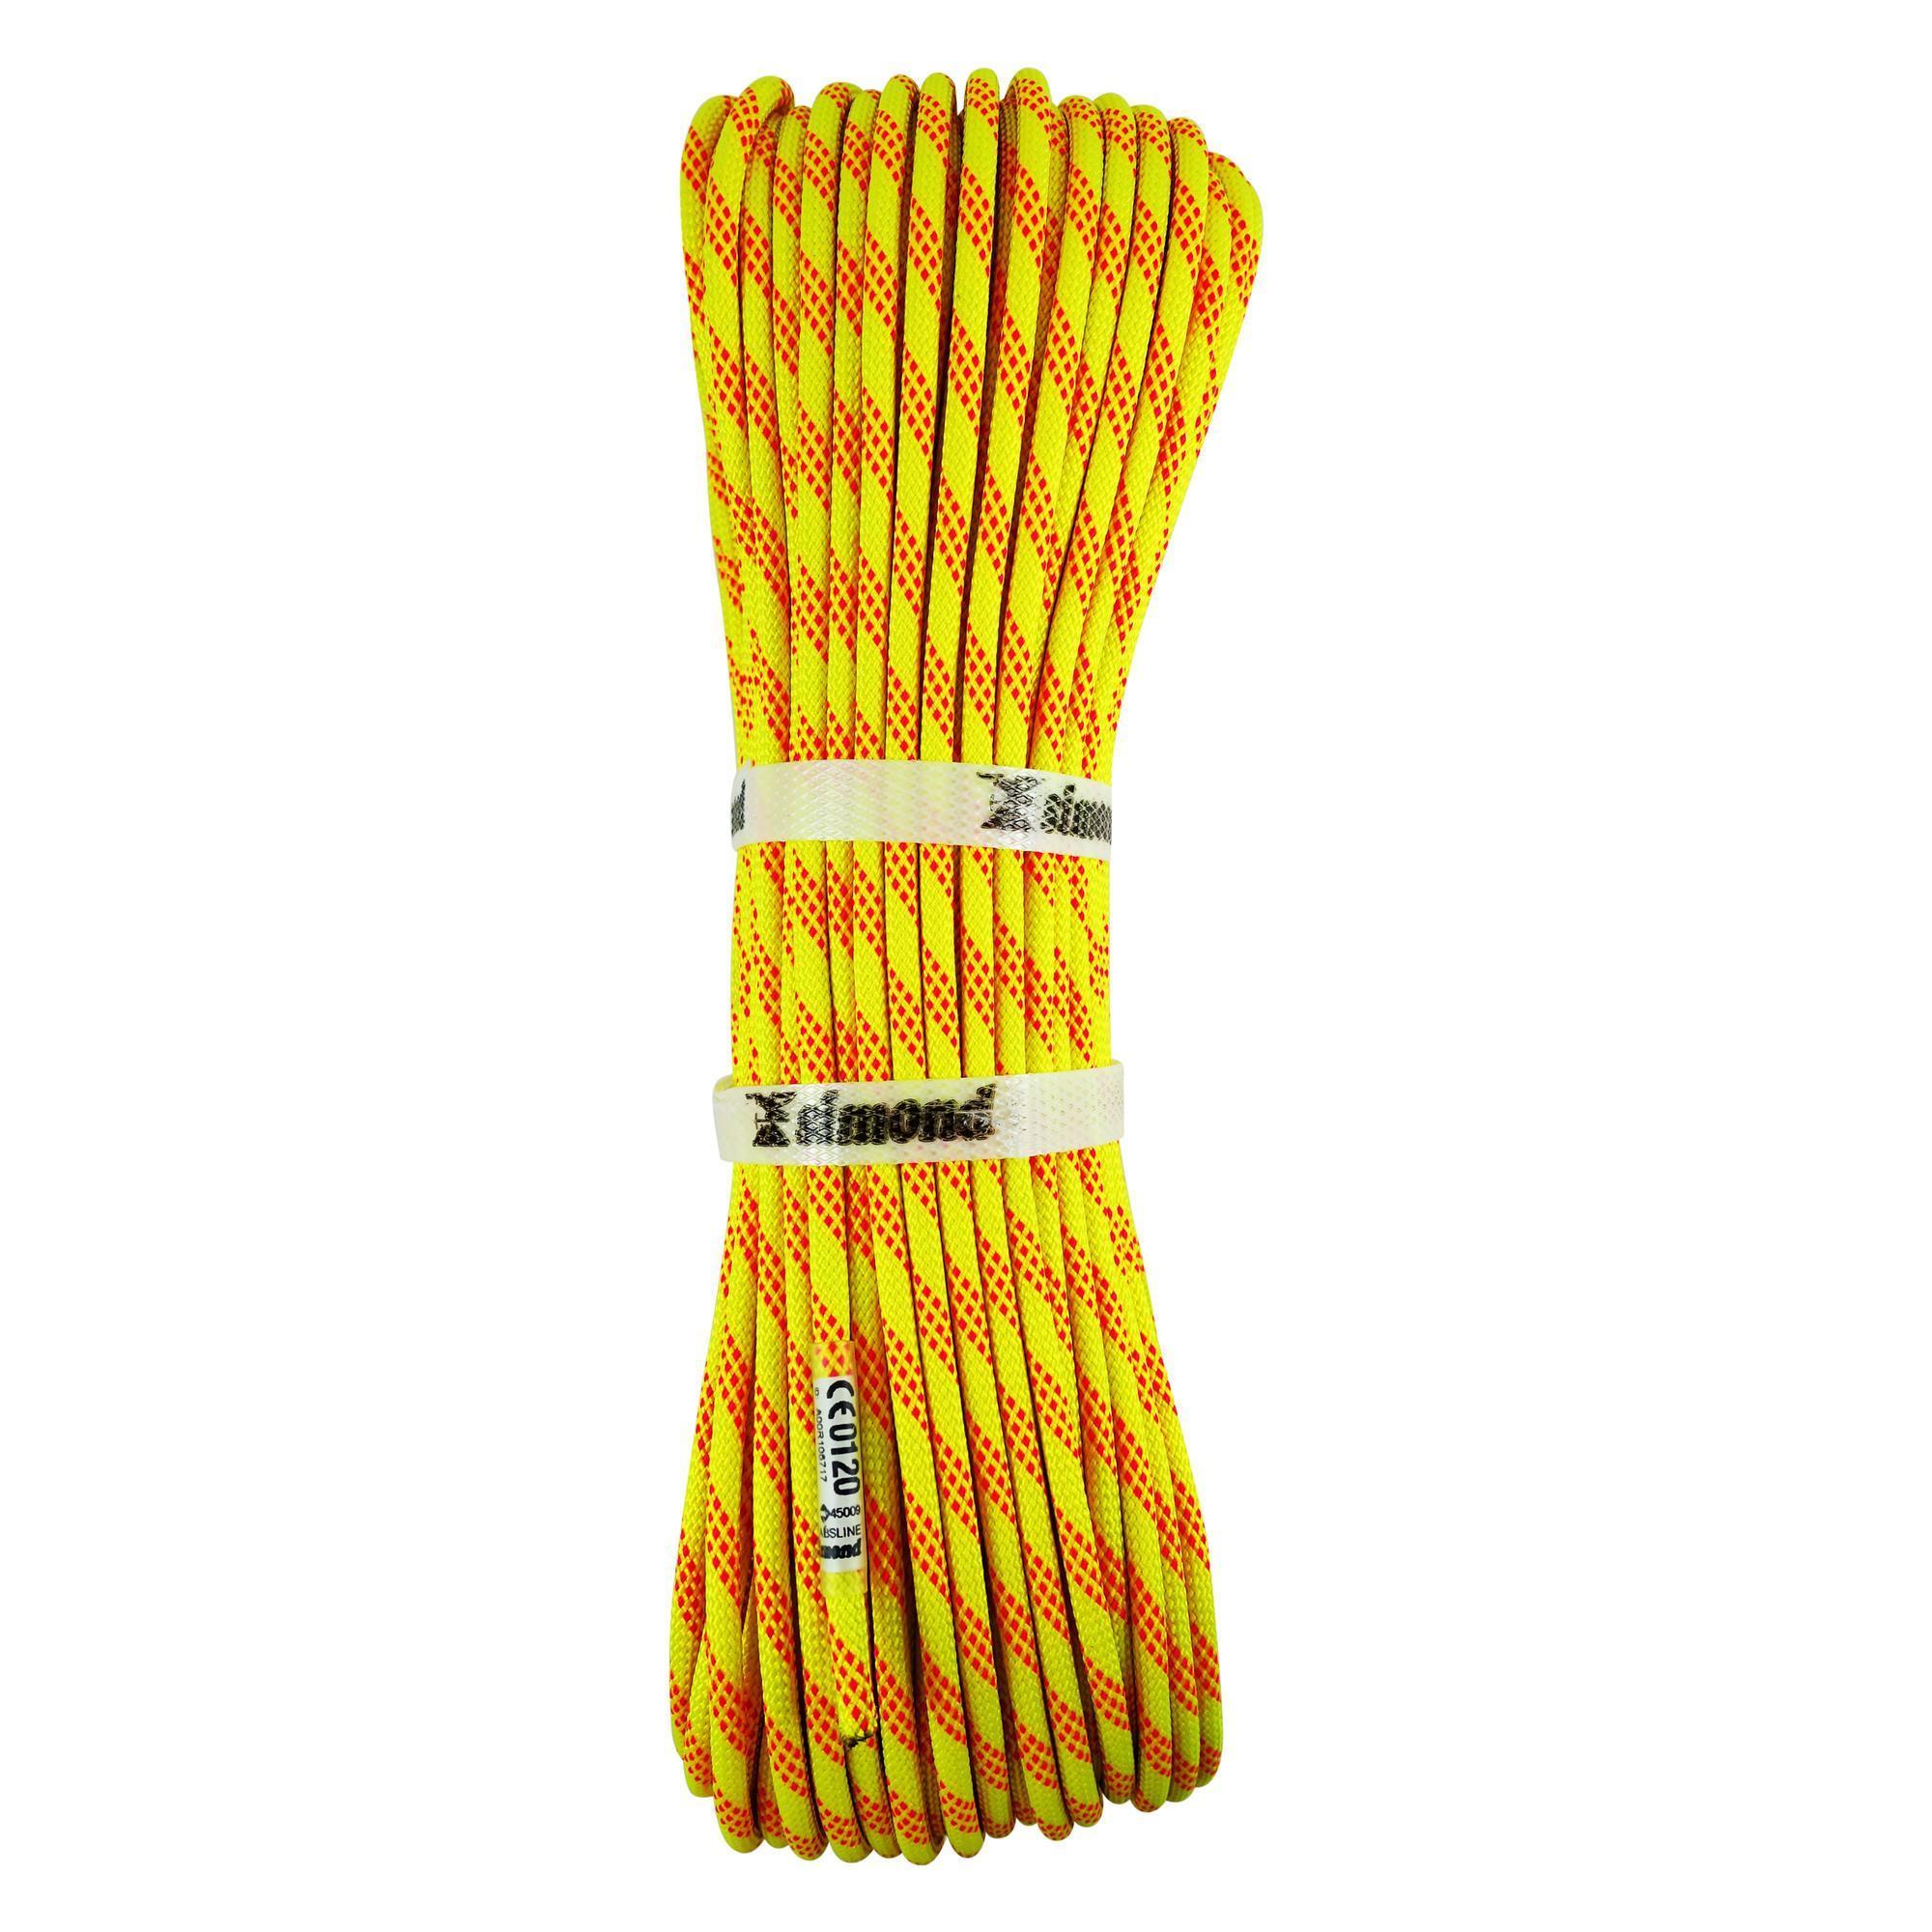 Comprar Cuerdas y Cordino de Escalada online  8accdd96c64c